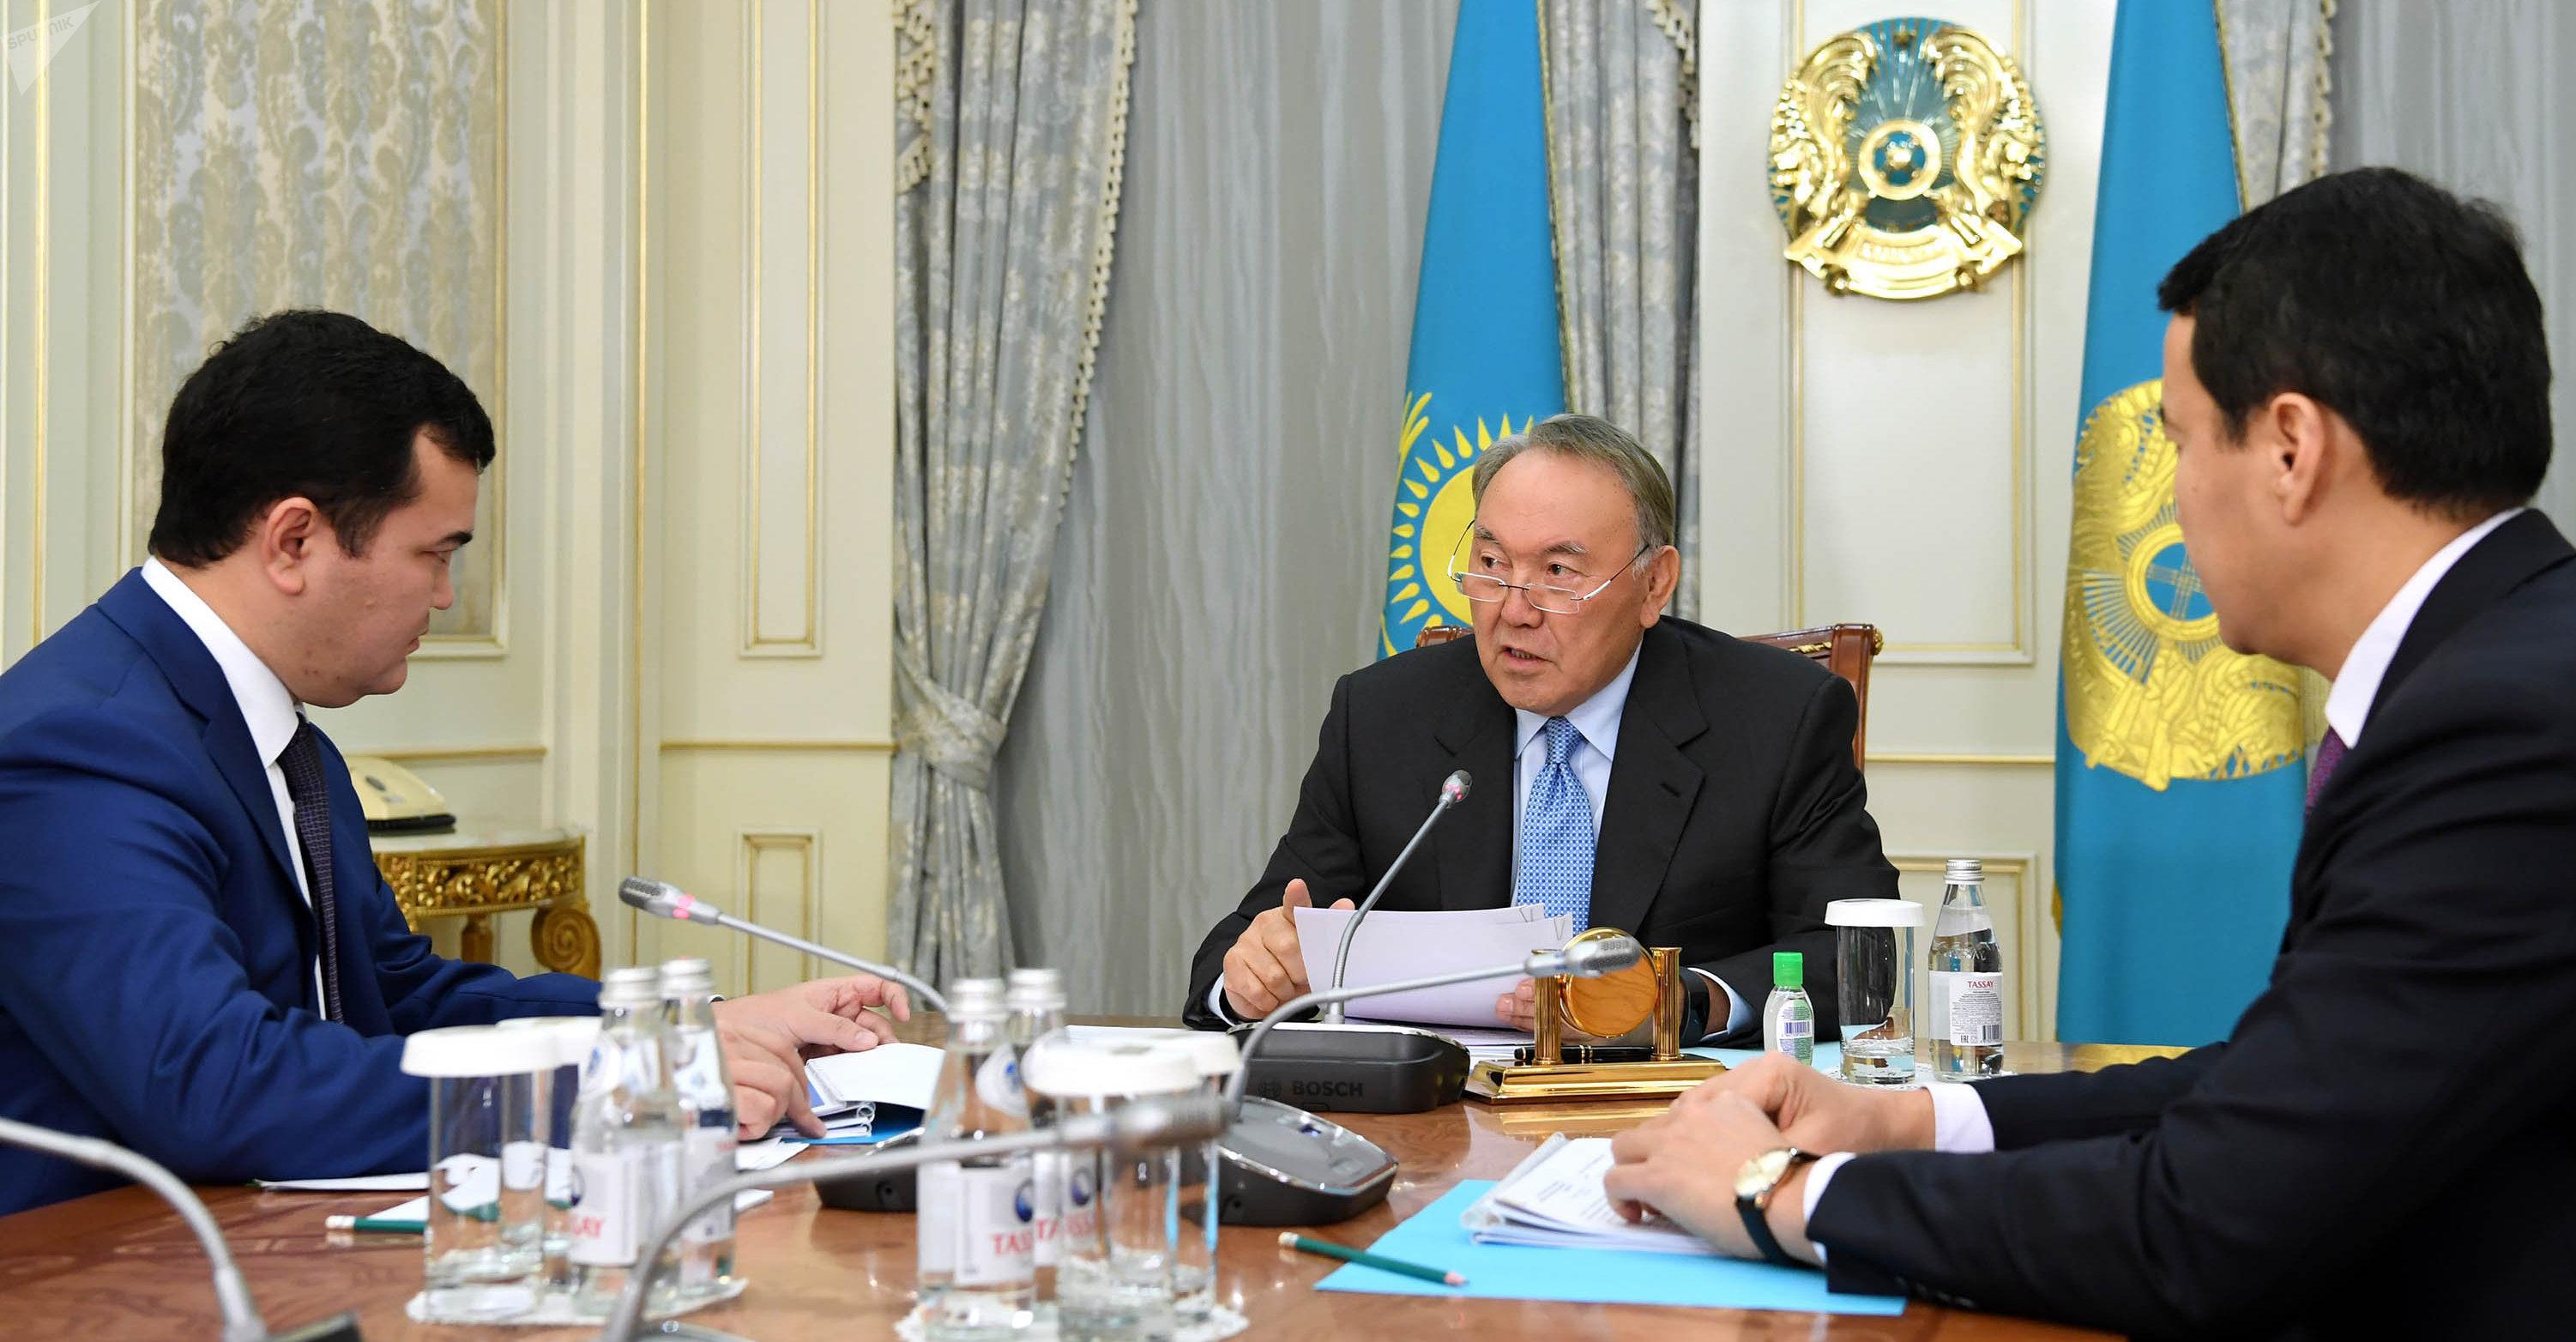 Встреча с министром по инвестициям и развитию Женисом Касымбеком